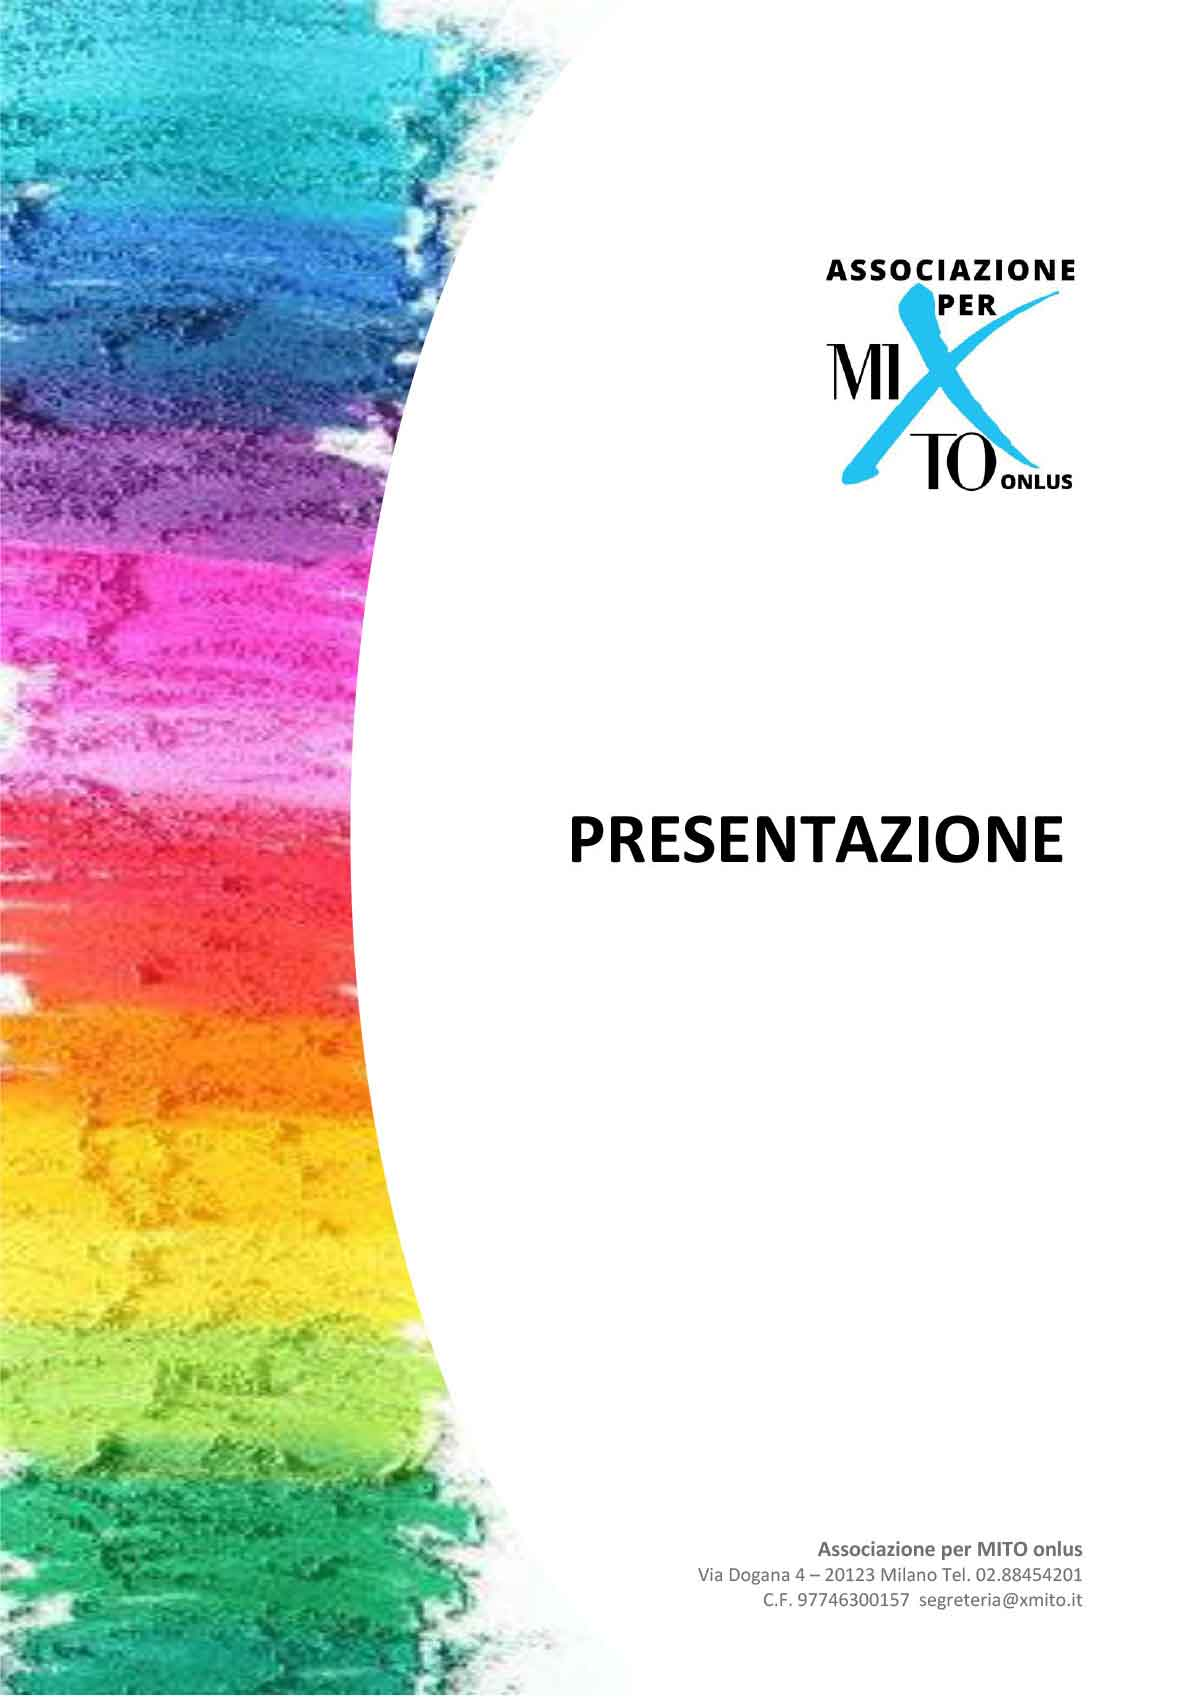 Presentazione Associazione